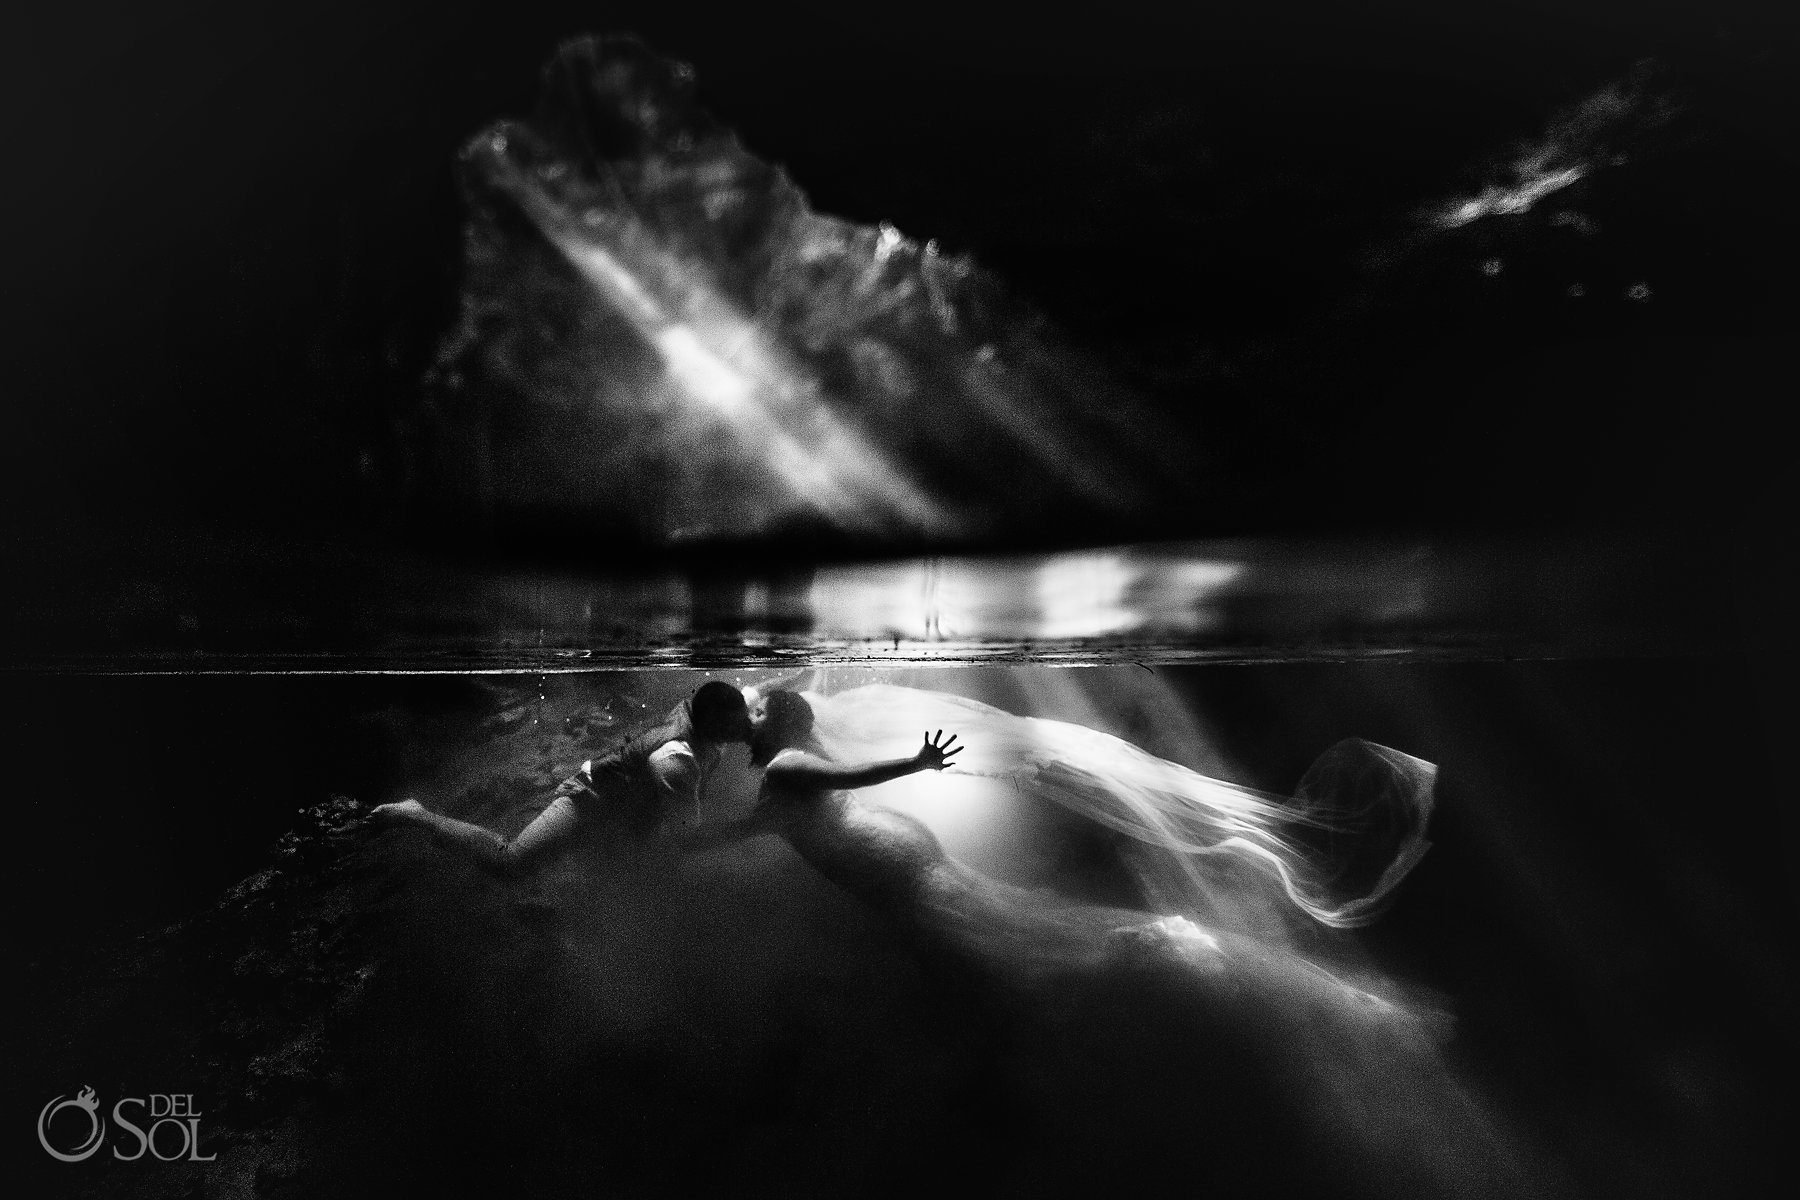 black and white Tulum Cenote Experience underwater art